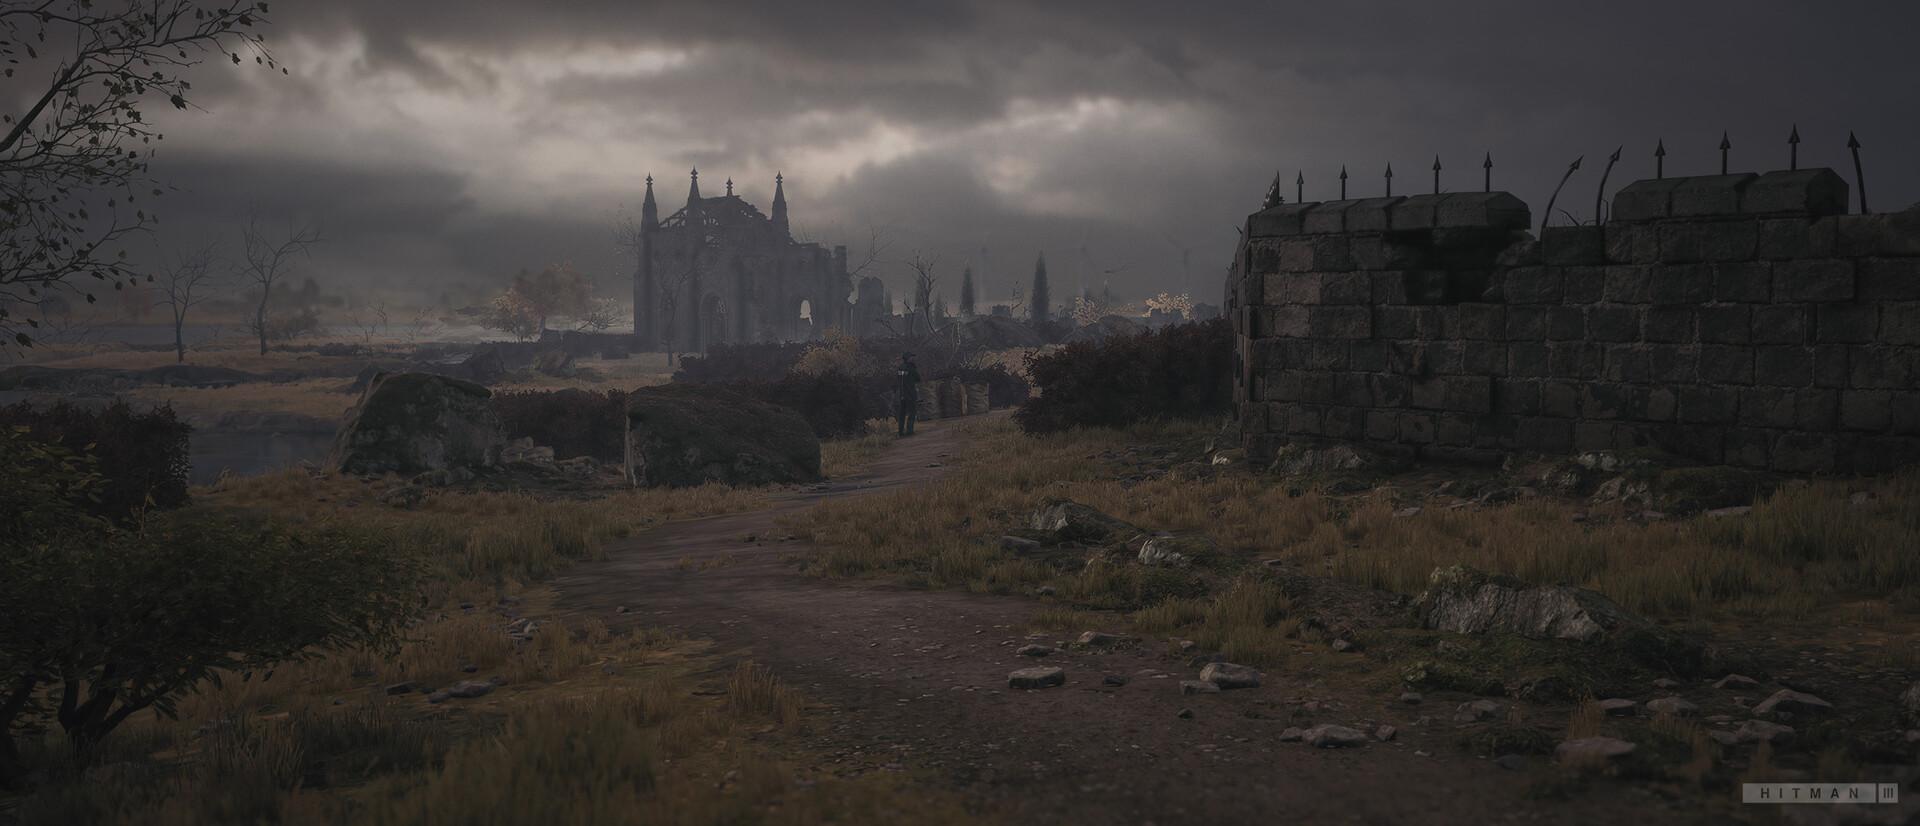 Quelle: ArtStation - Mathis Widrat - Hitman 3: Dartmoor (Ruine)